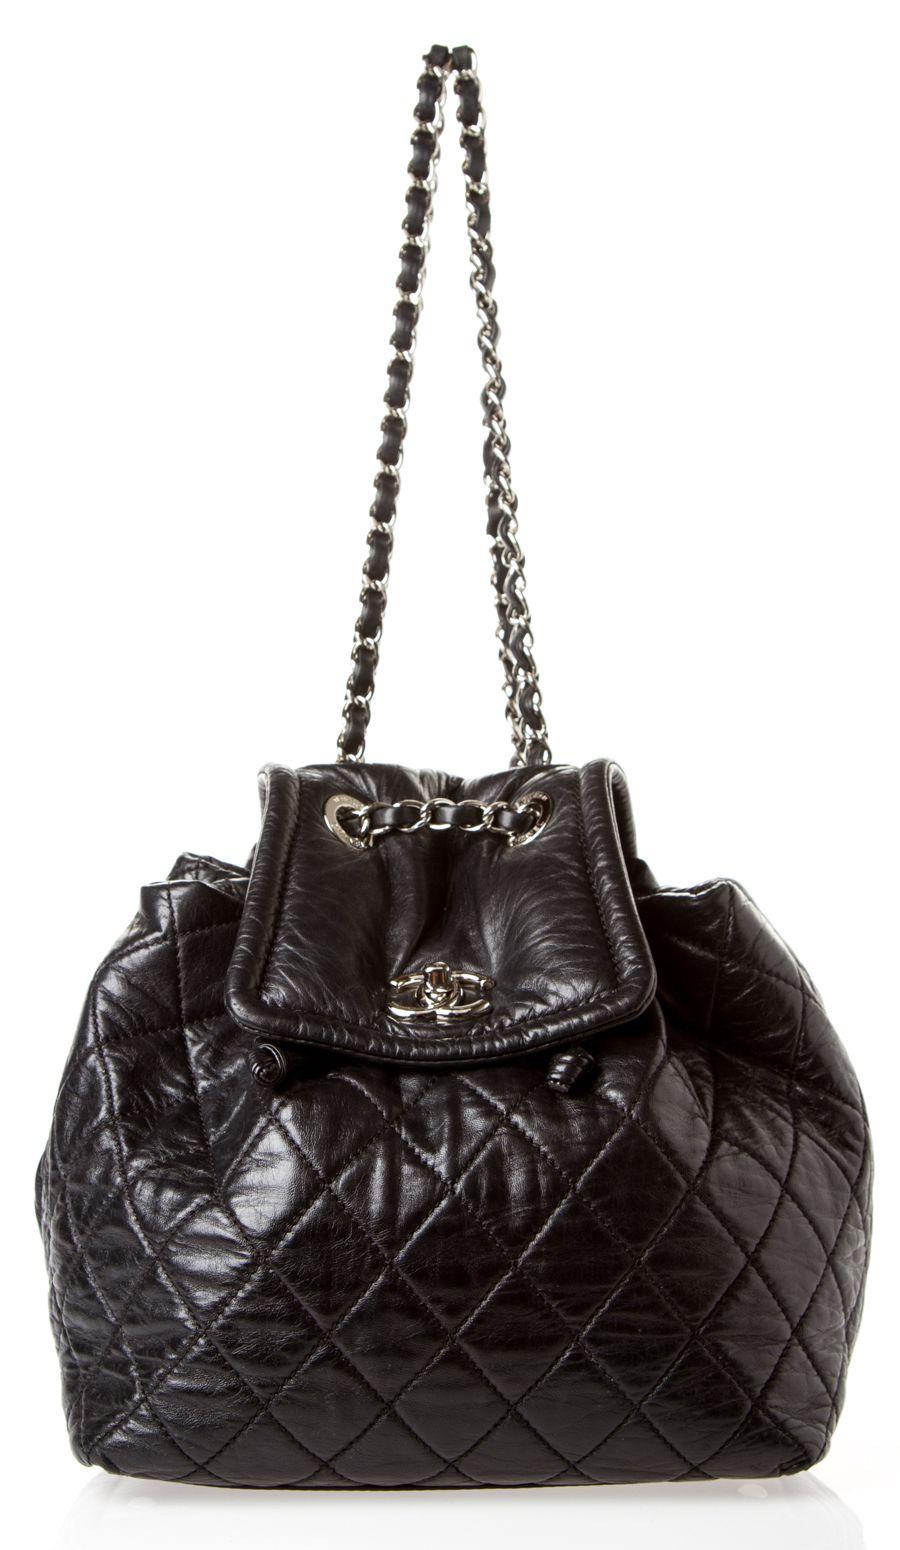 Designer Goods On Shop Hers Chanel Shoulder Bag Bags Fashion Bags